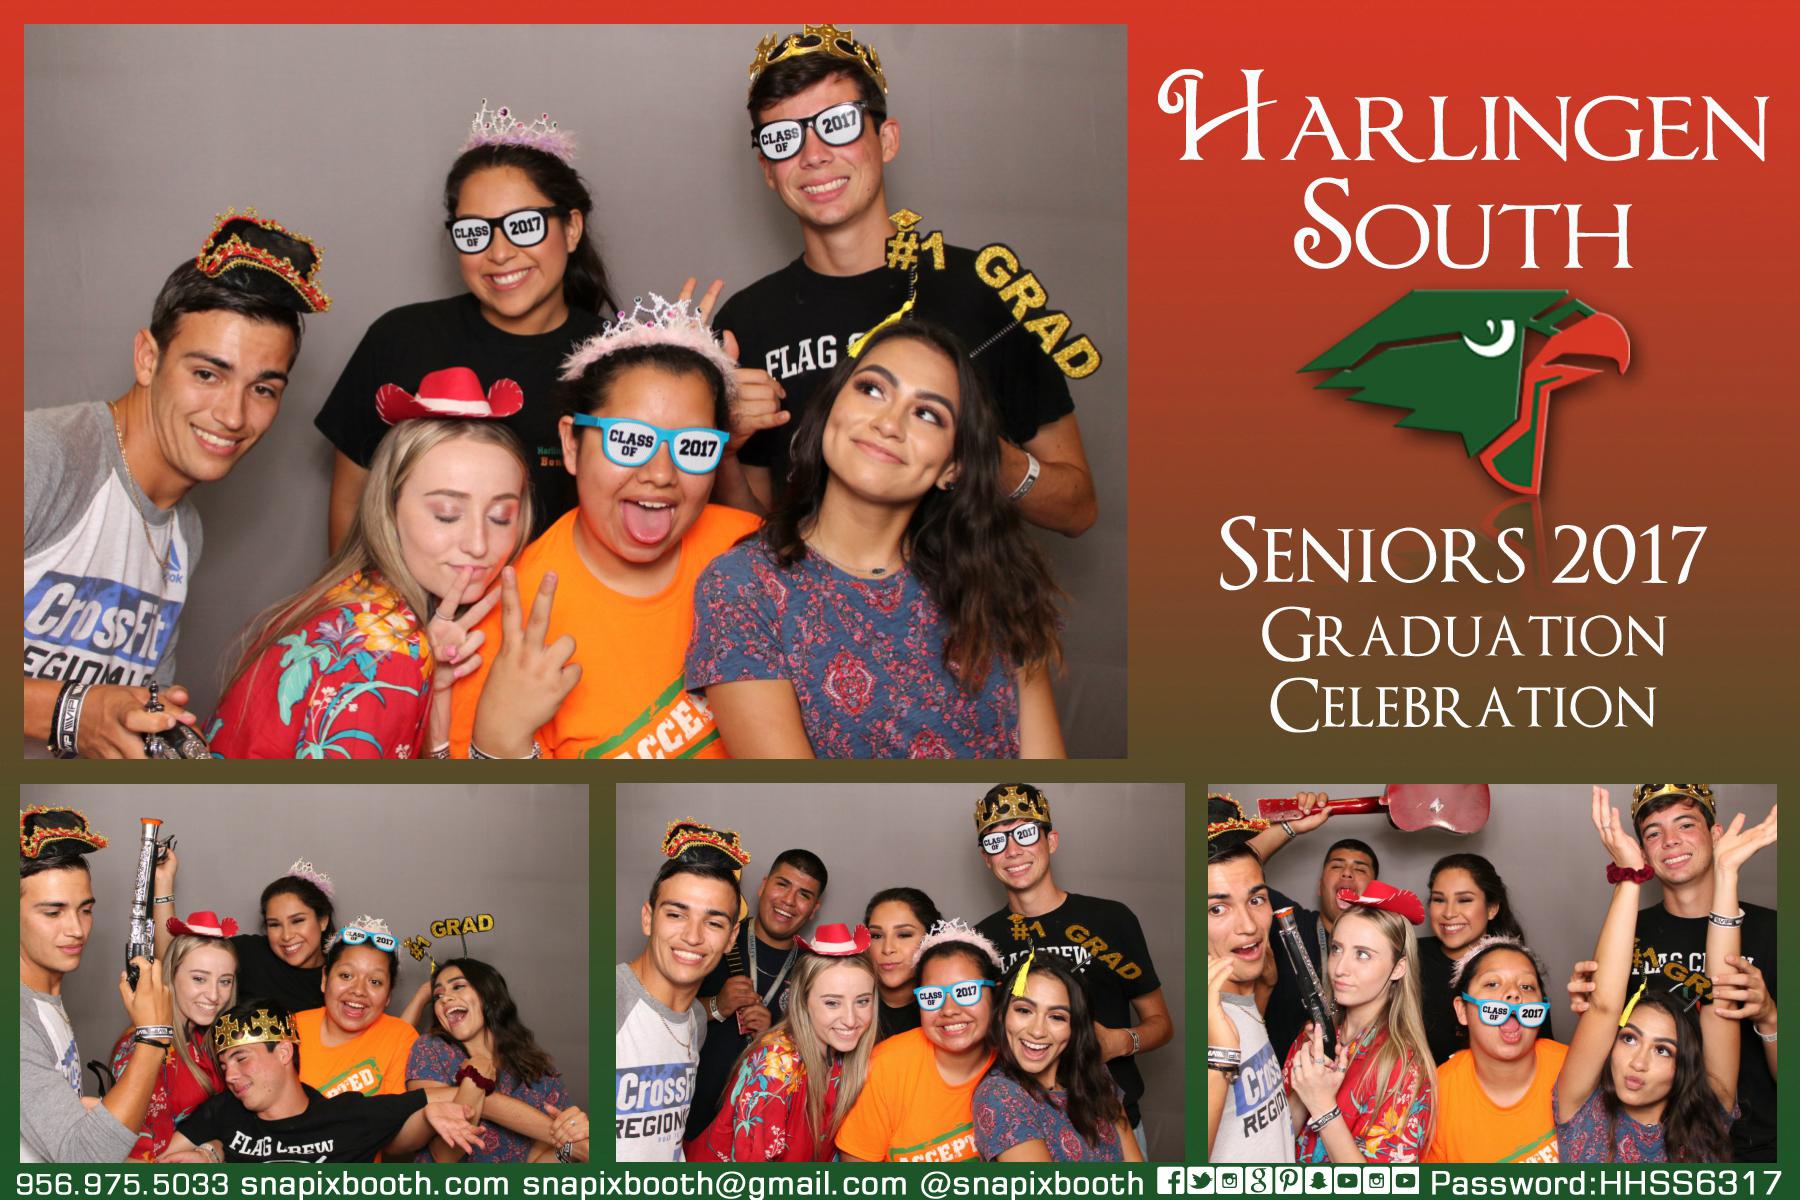 Harlingen HS South Seniors 2017